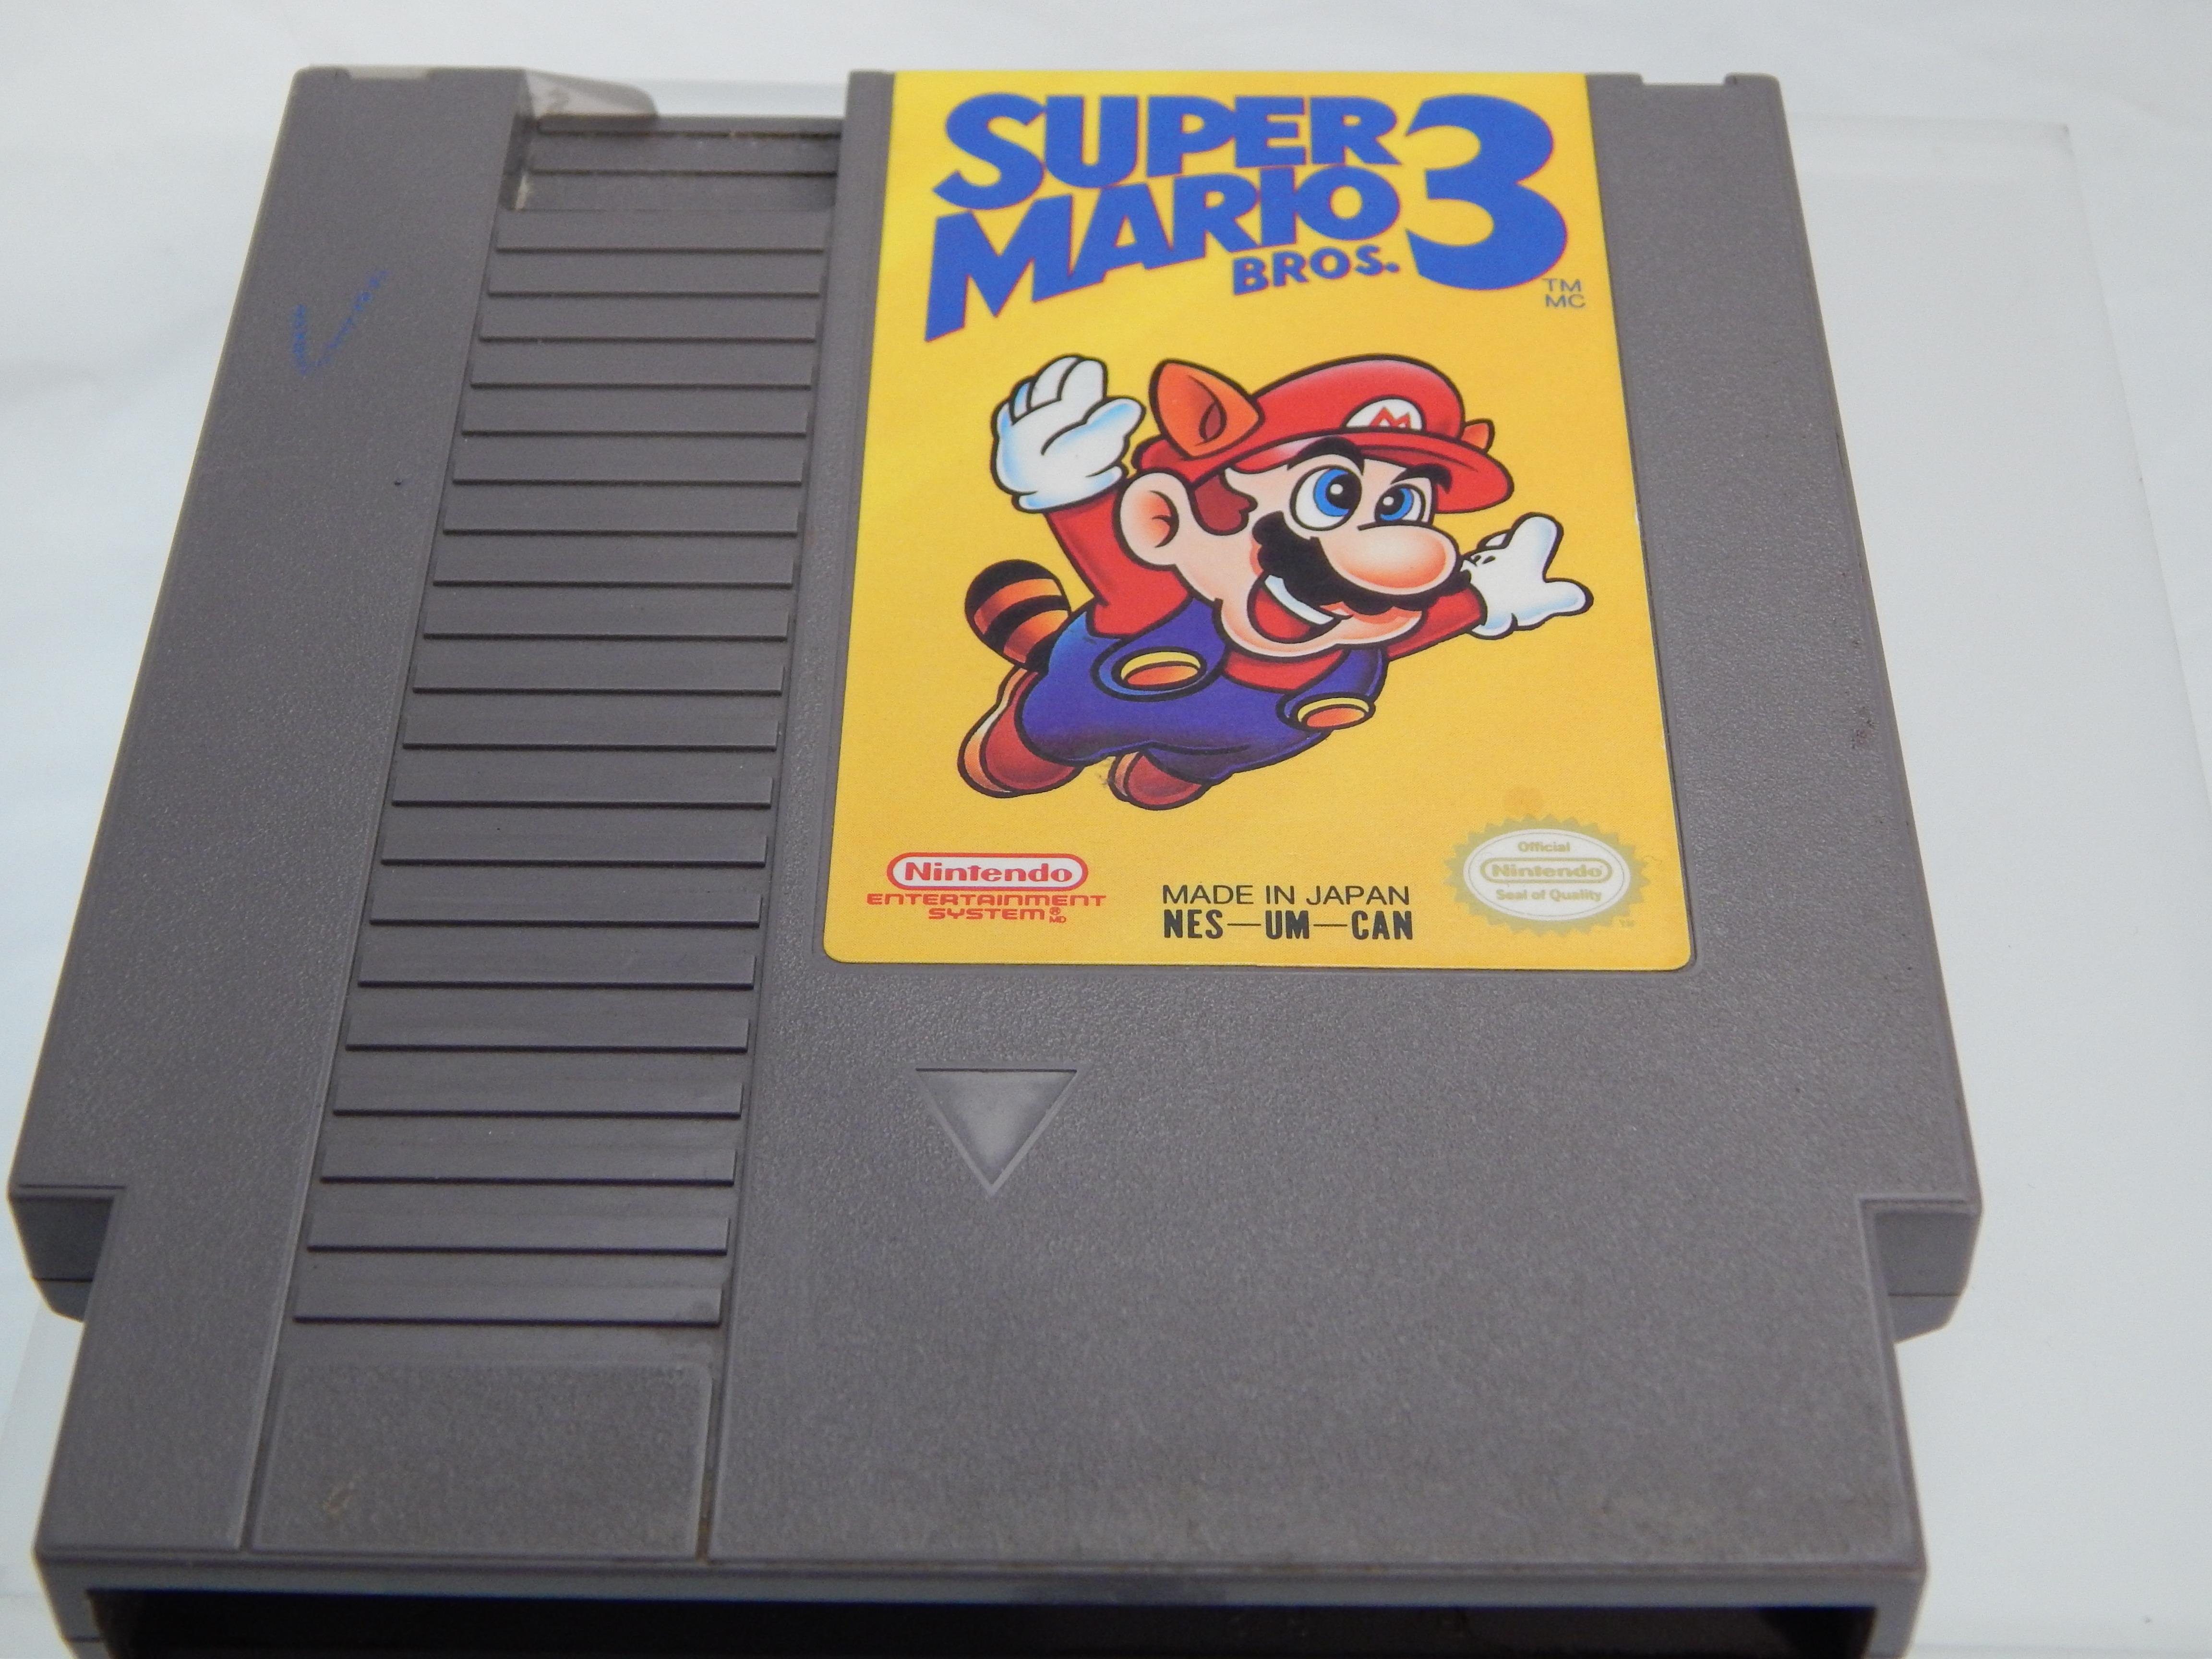 NES GAME SUPER MARIO BROS. 3